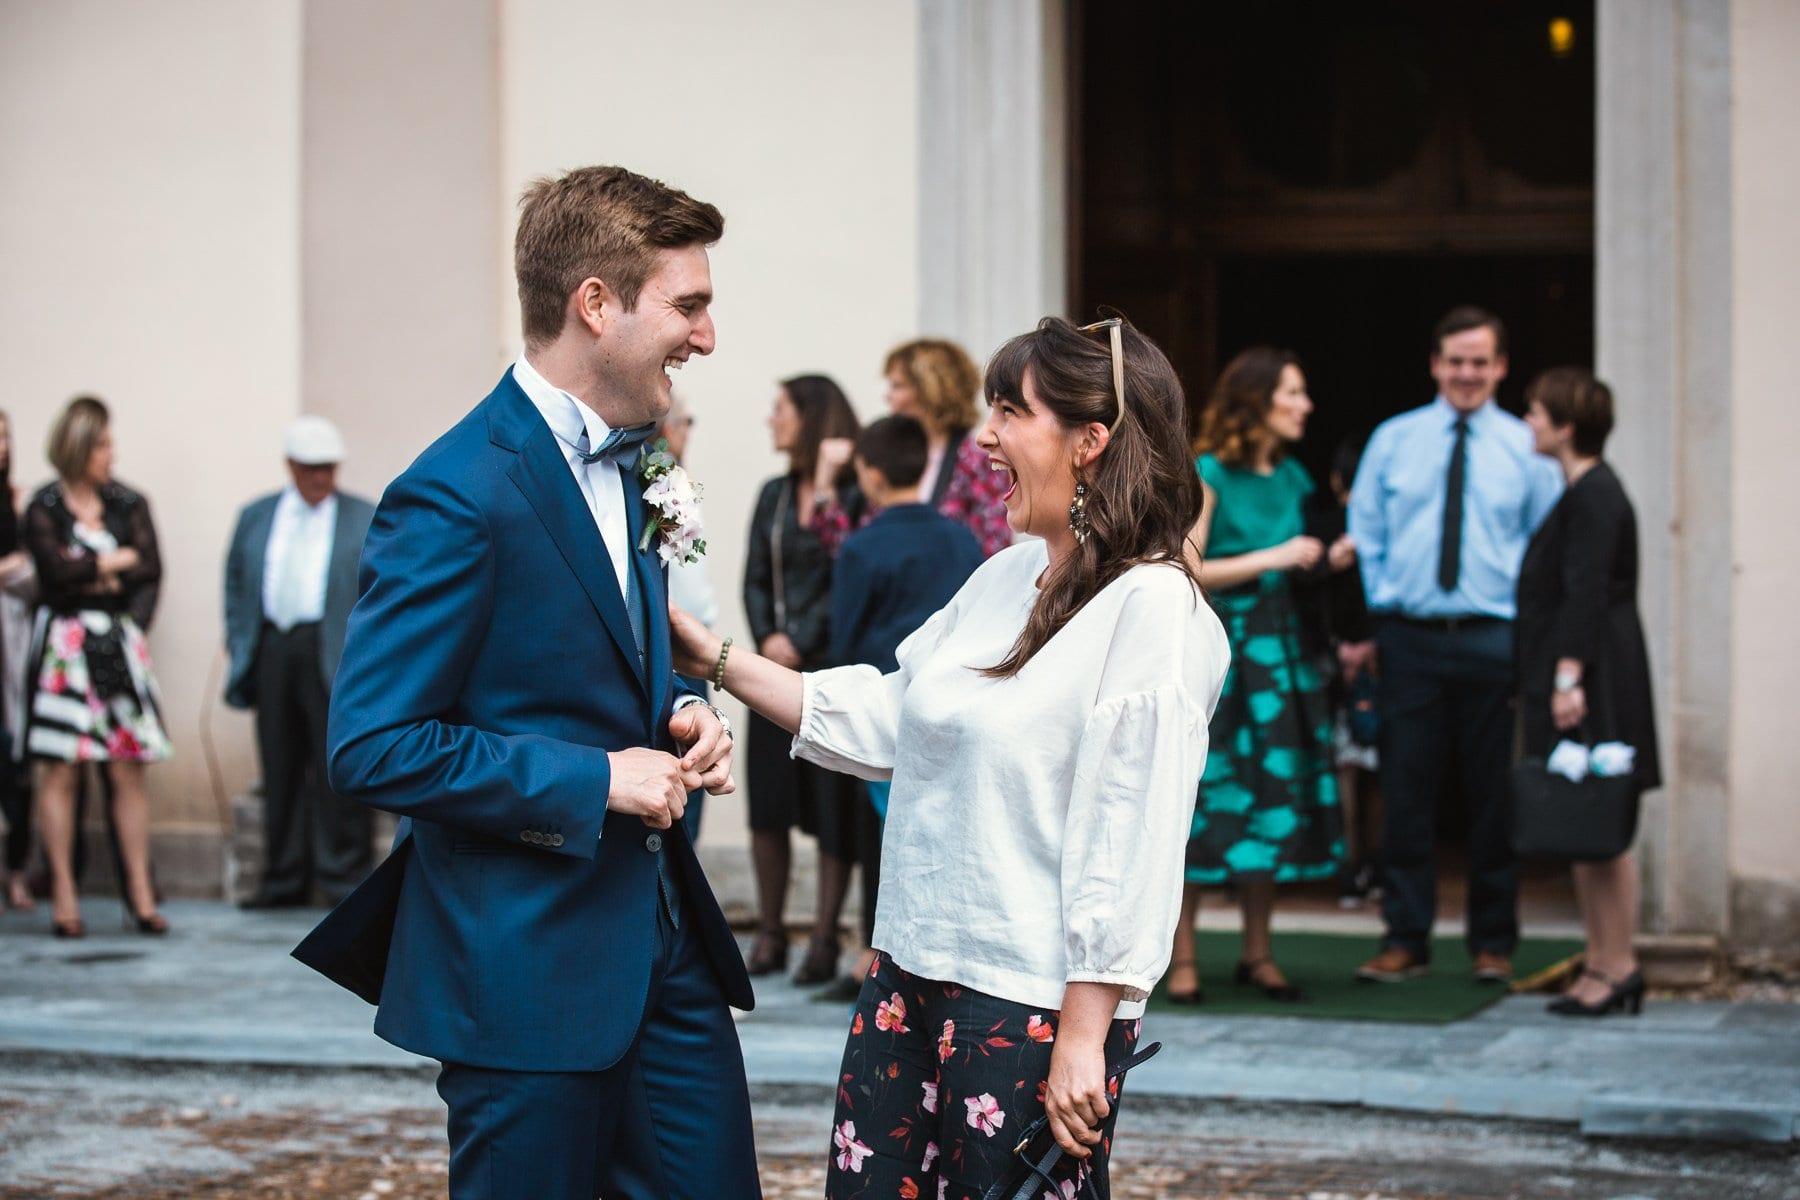 reportage attesa sposo